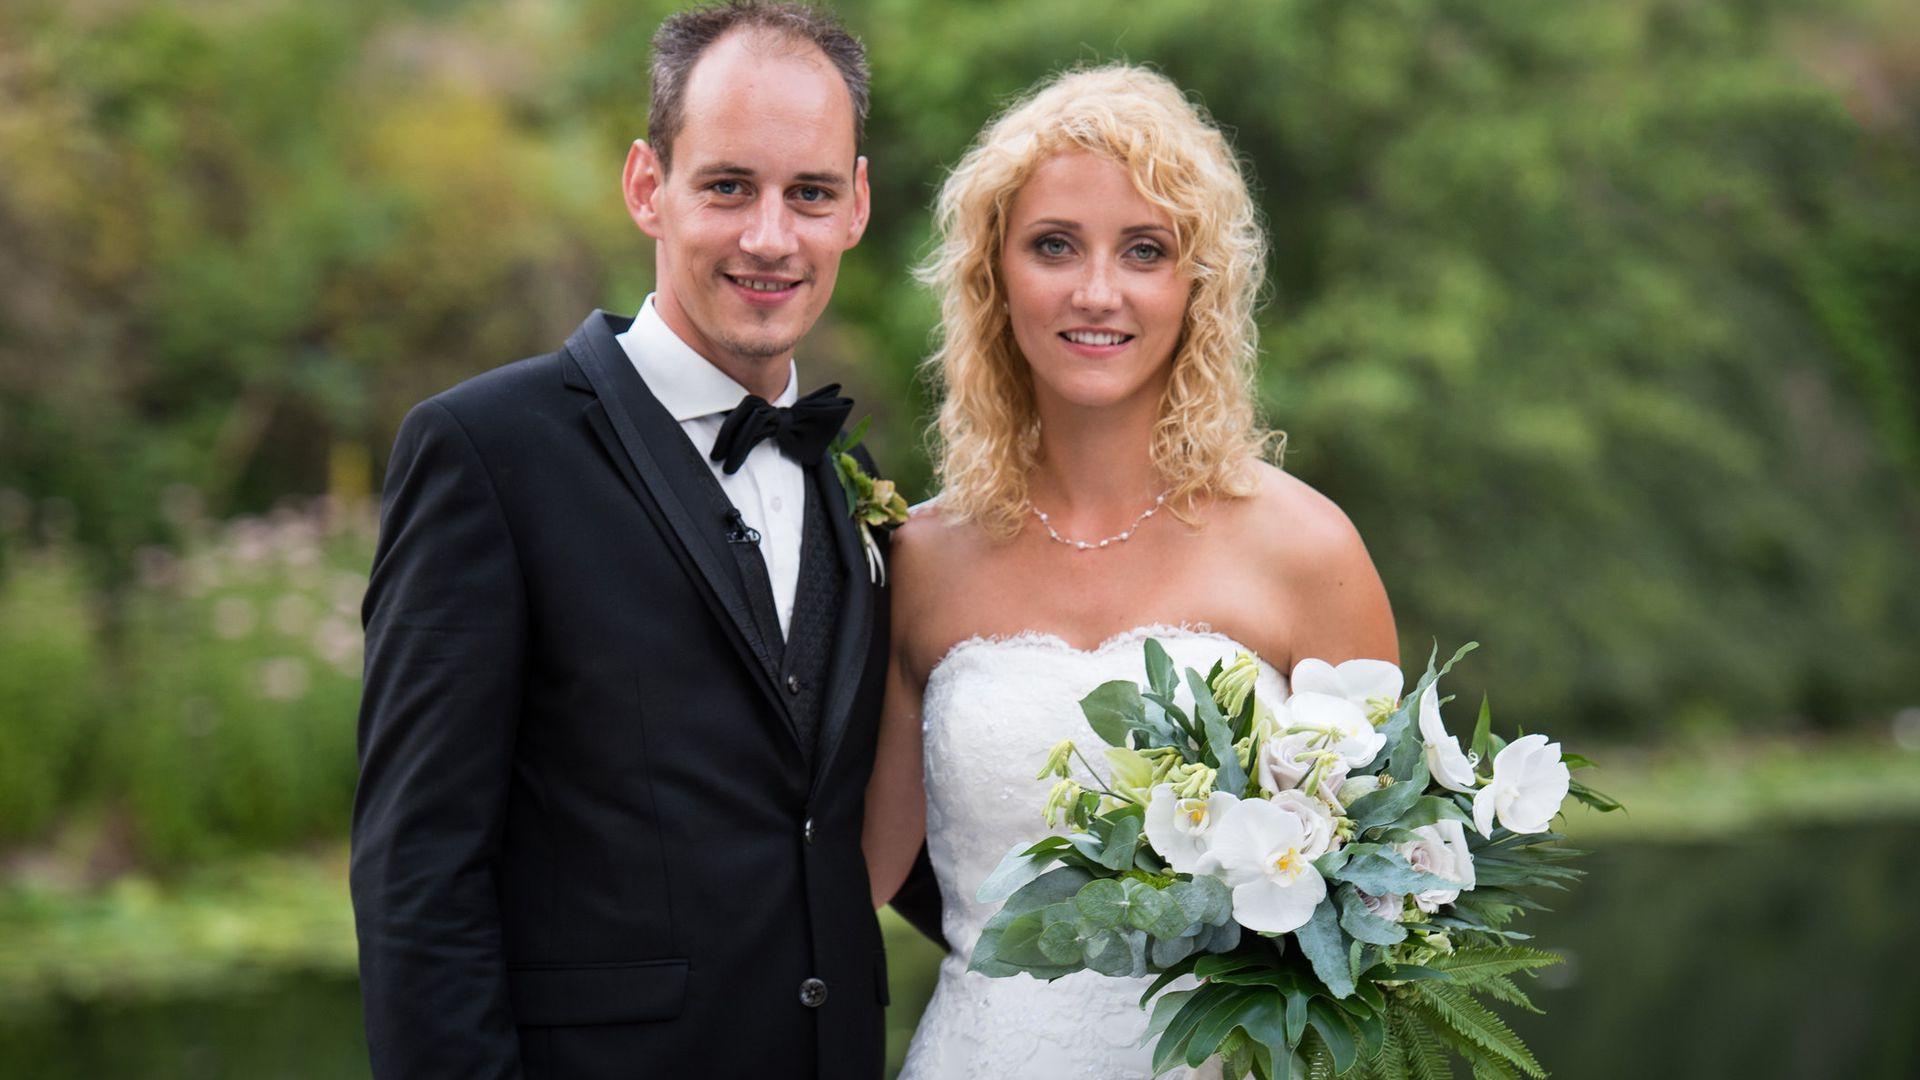 20 Besten Hochzeit Auf Den Ersten Blick 2019 - Beste